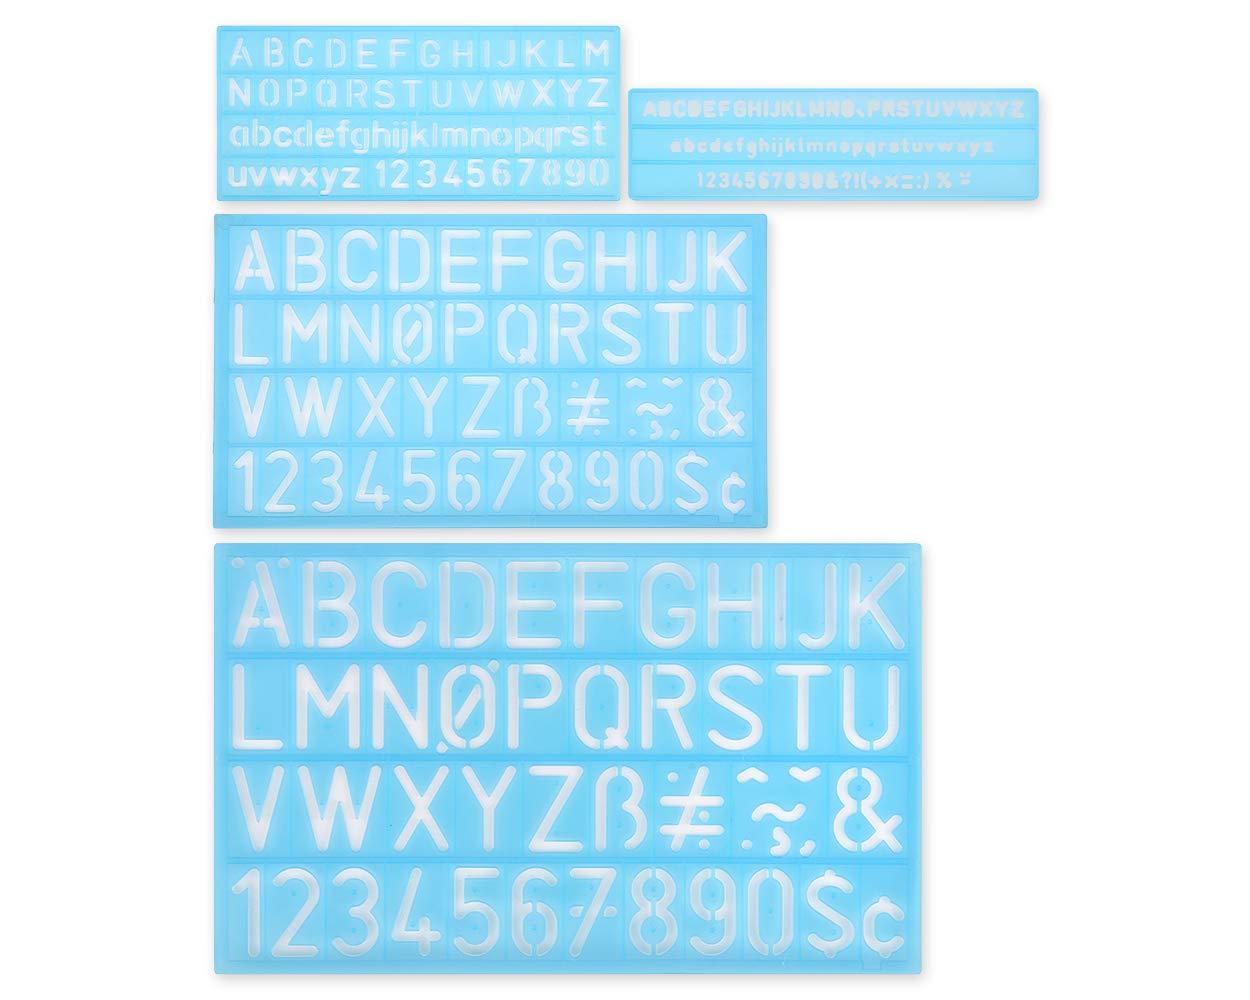 blu pittura SCSpecial stencil alfabeto set di 4 plastica lettera stencil assortiti taglie numero righello per apprendimento scrapbooking